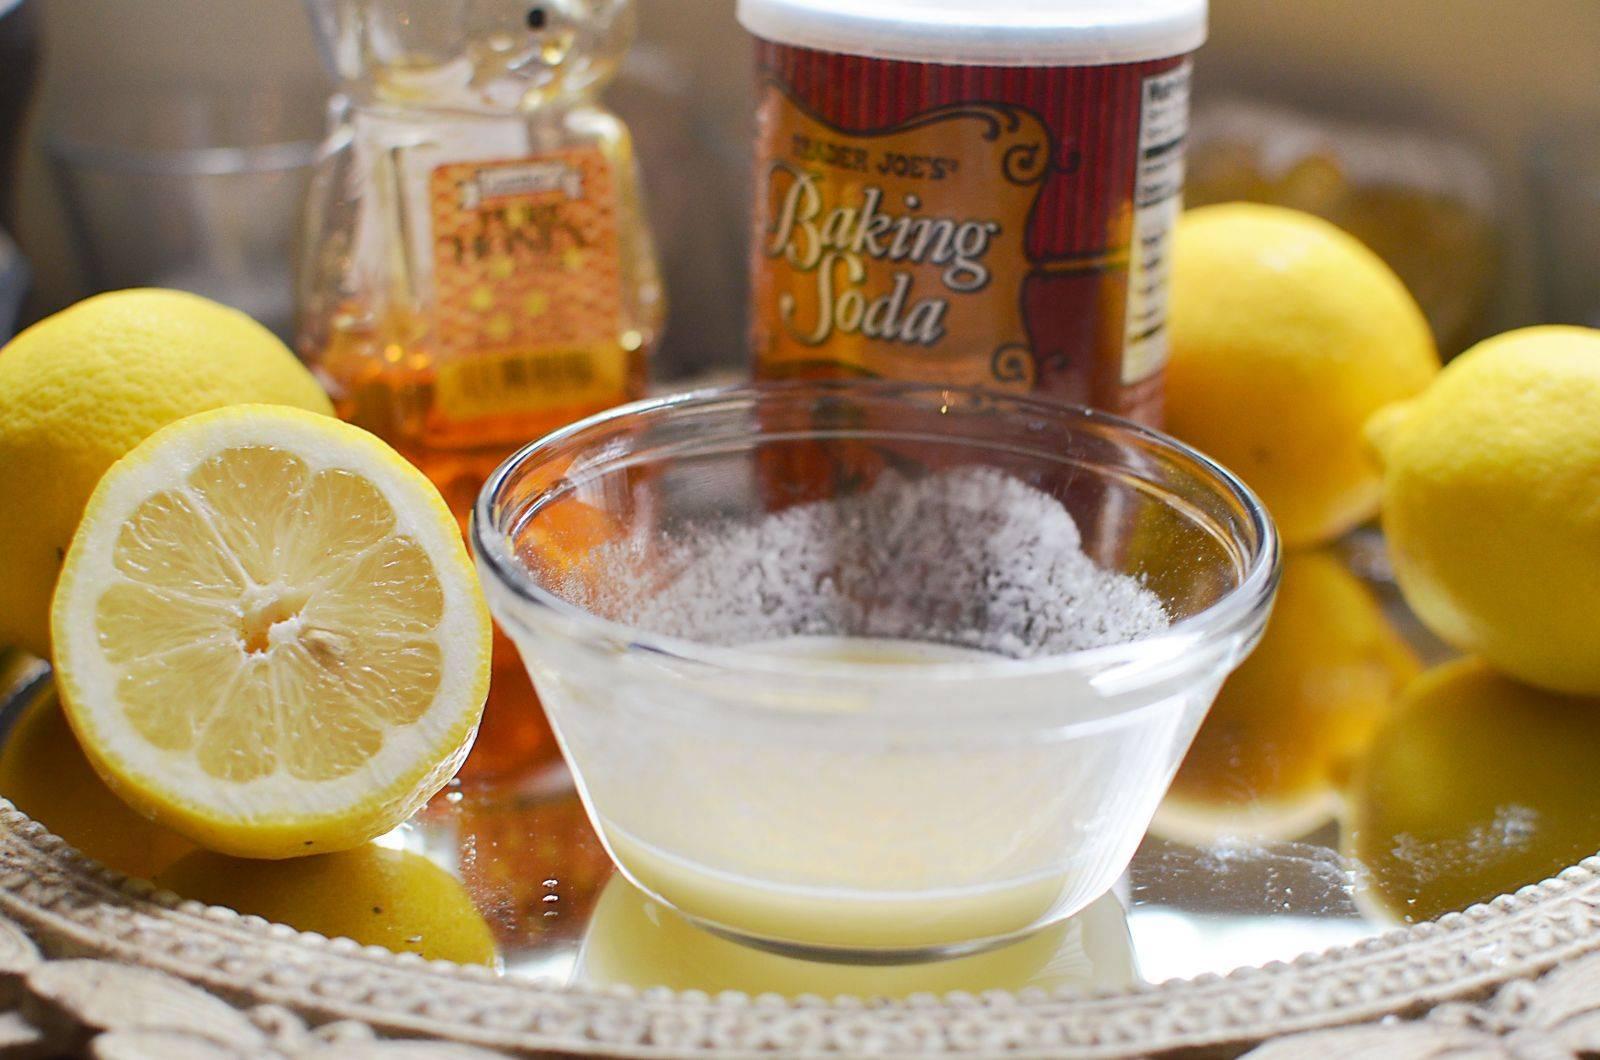 Kết quả hình ảnh cho bột soda baking và nước chanh